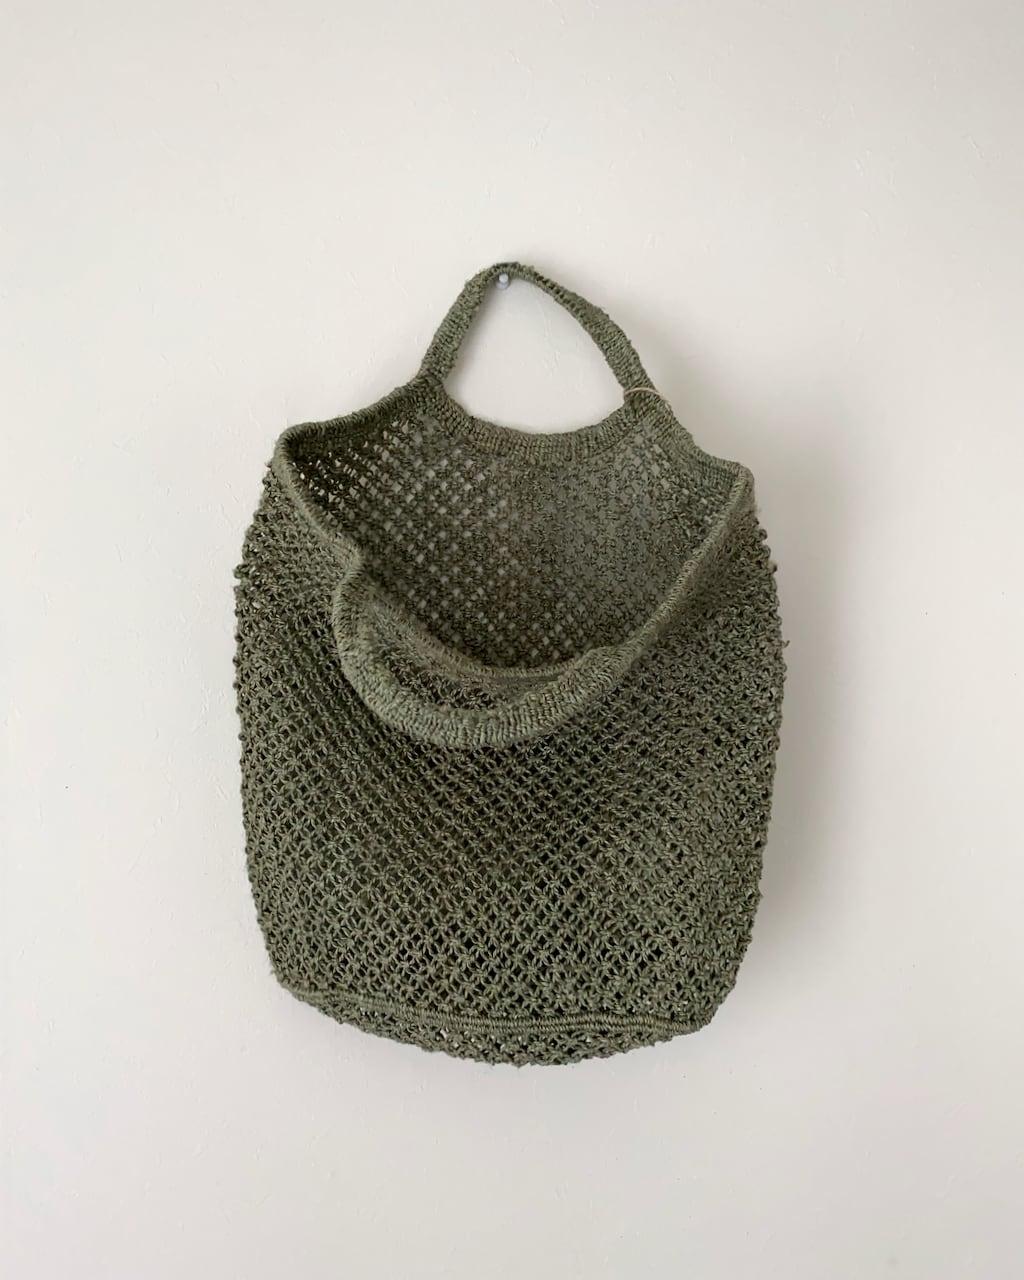 Jute macrame shopping bag Grey|ショッピングバッグ グレイ